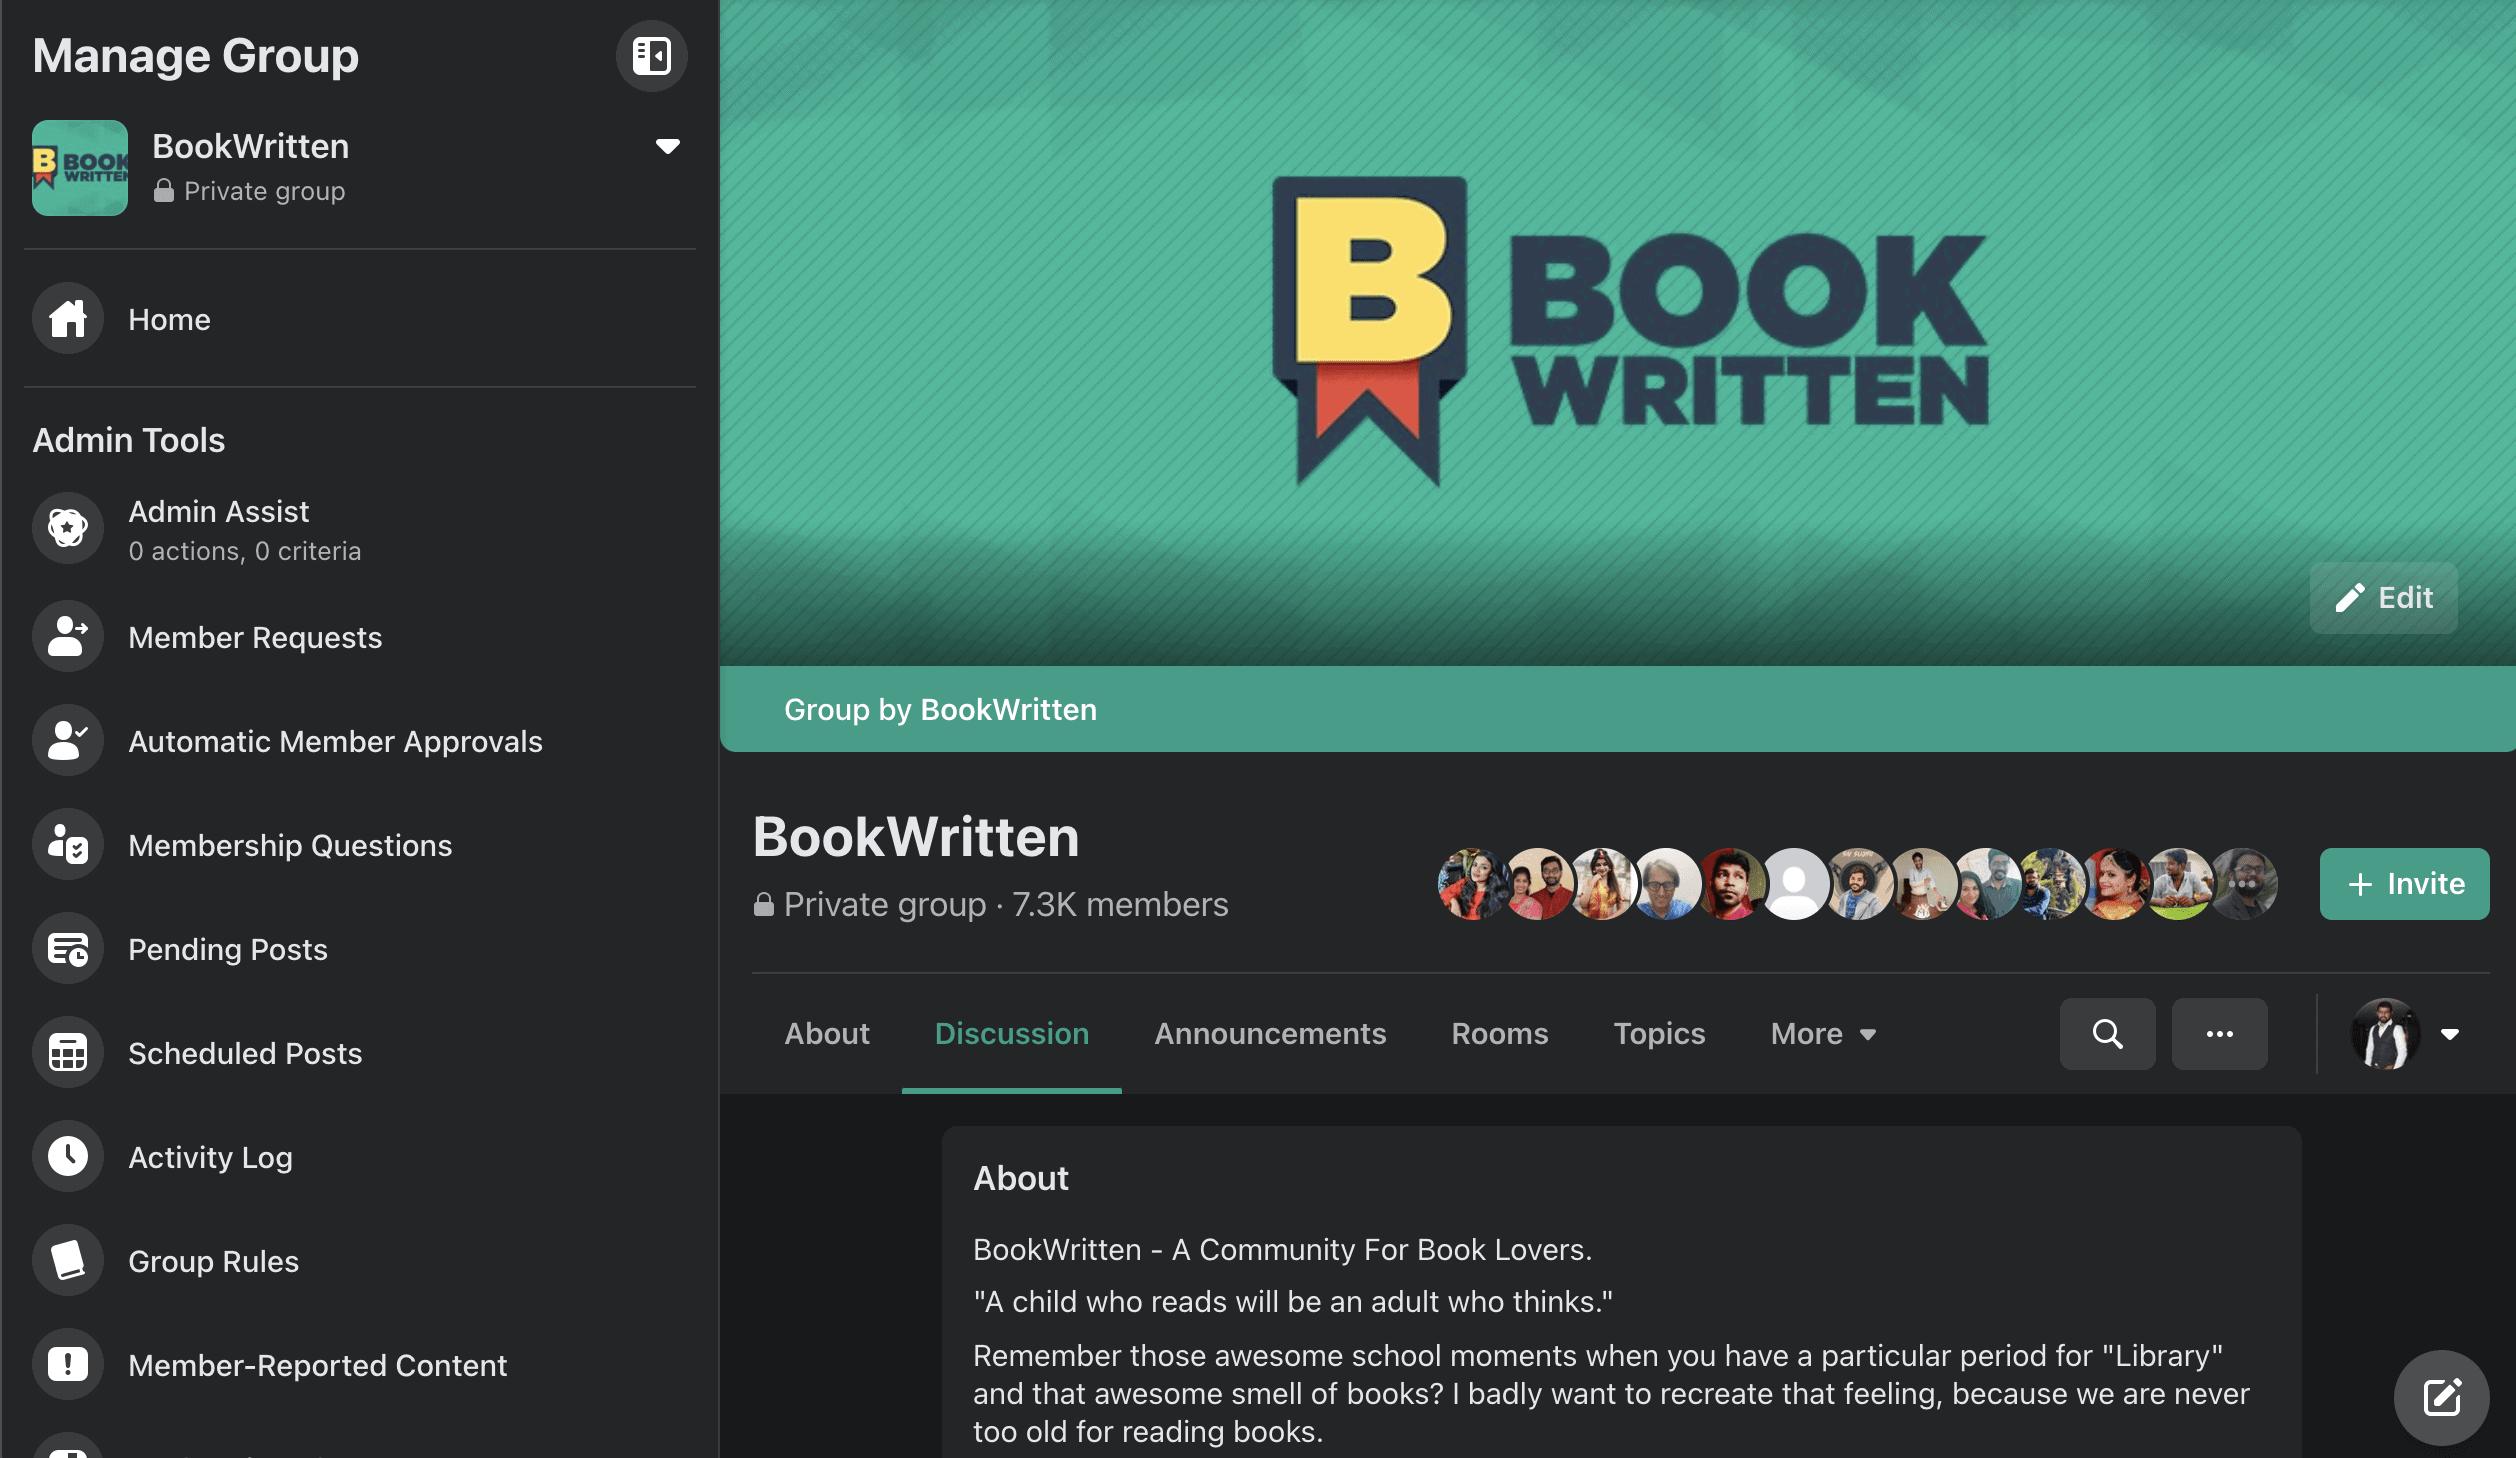 BookWritten Facebook Community Sell Books Online